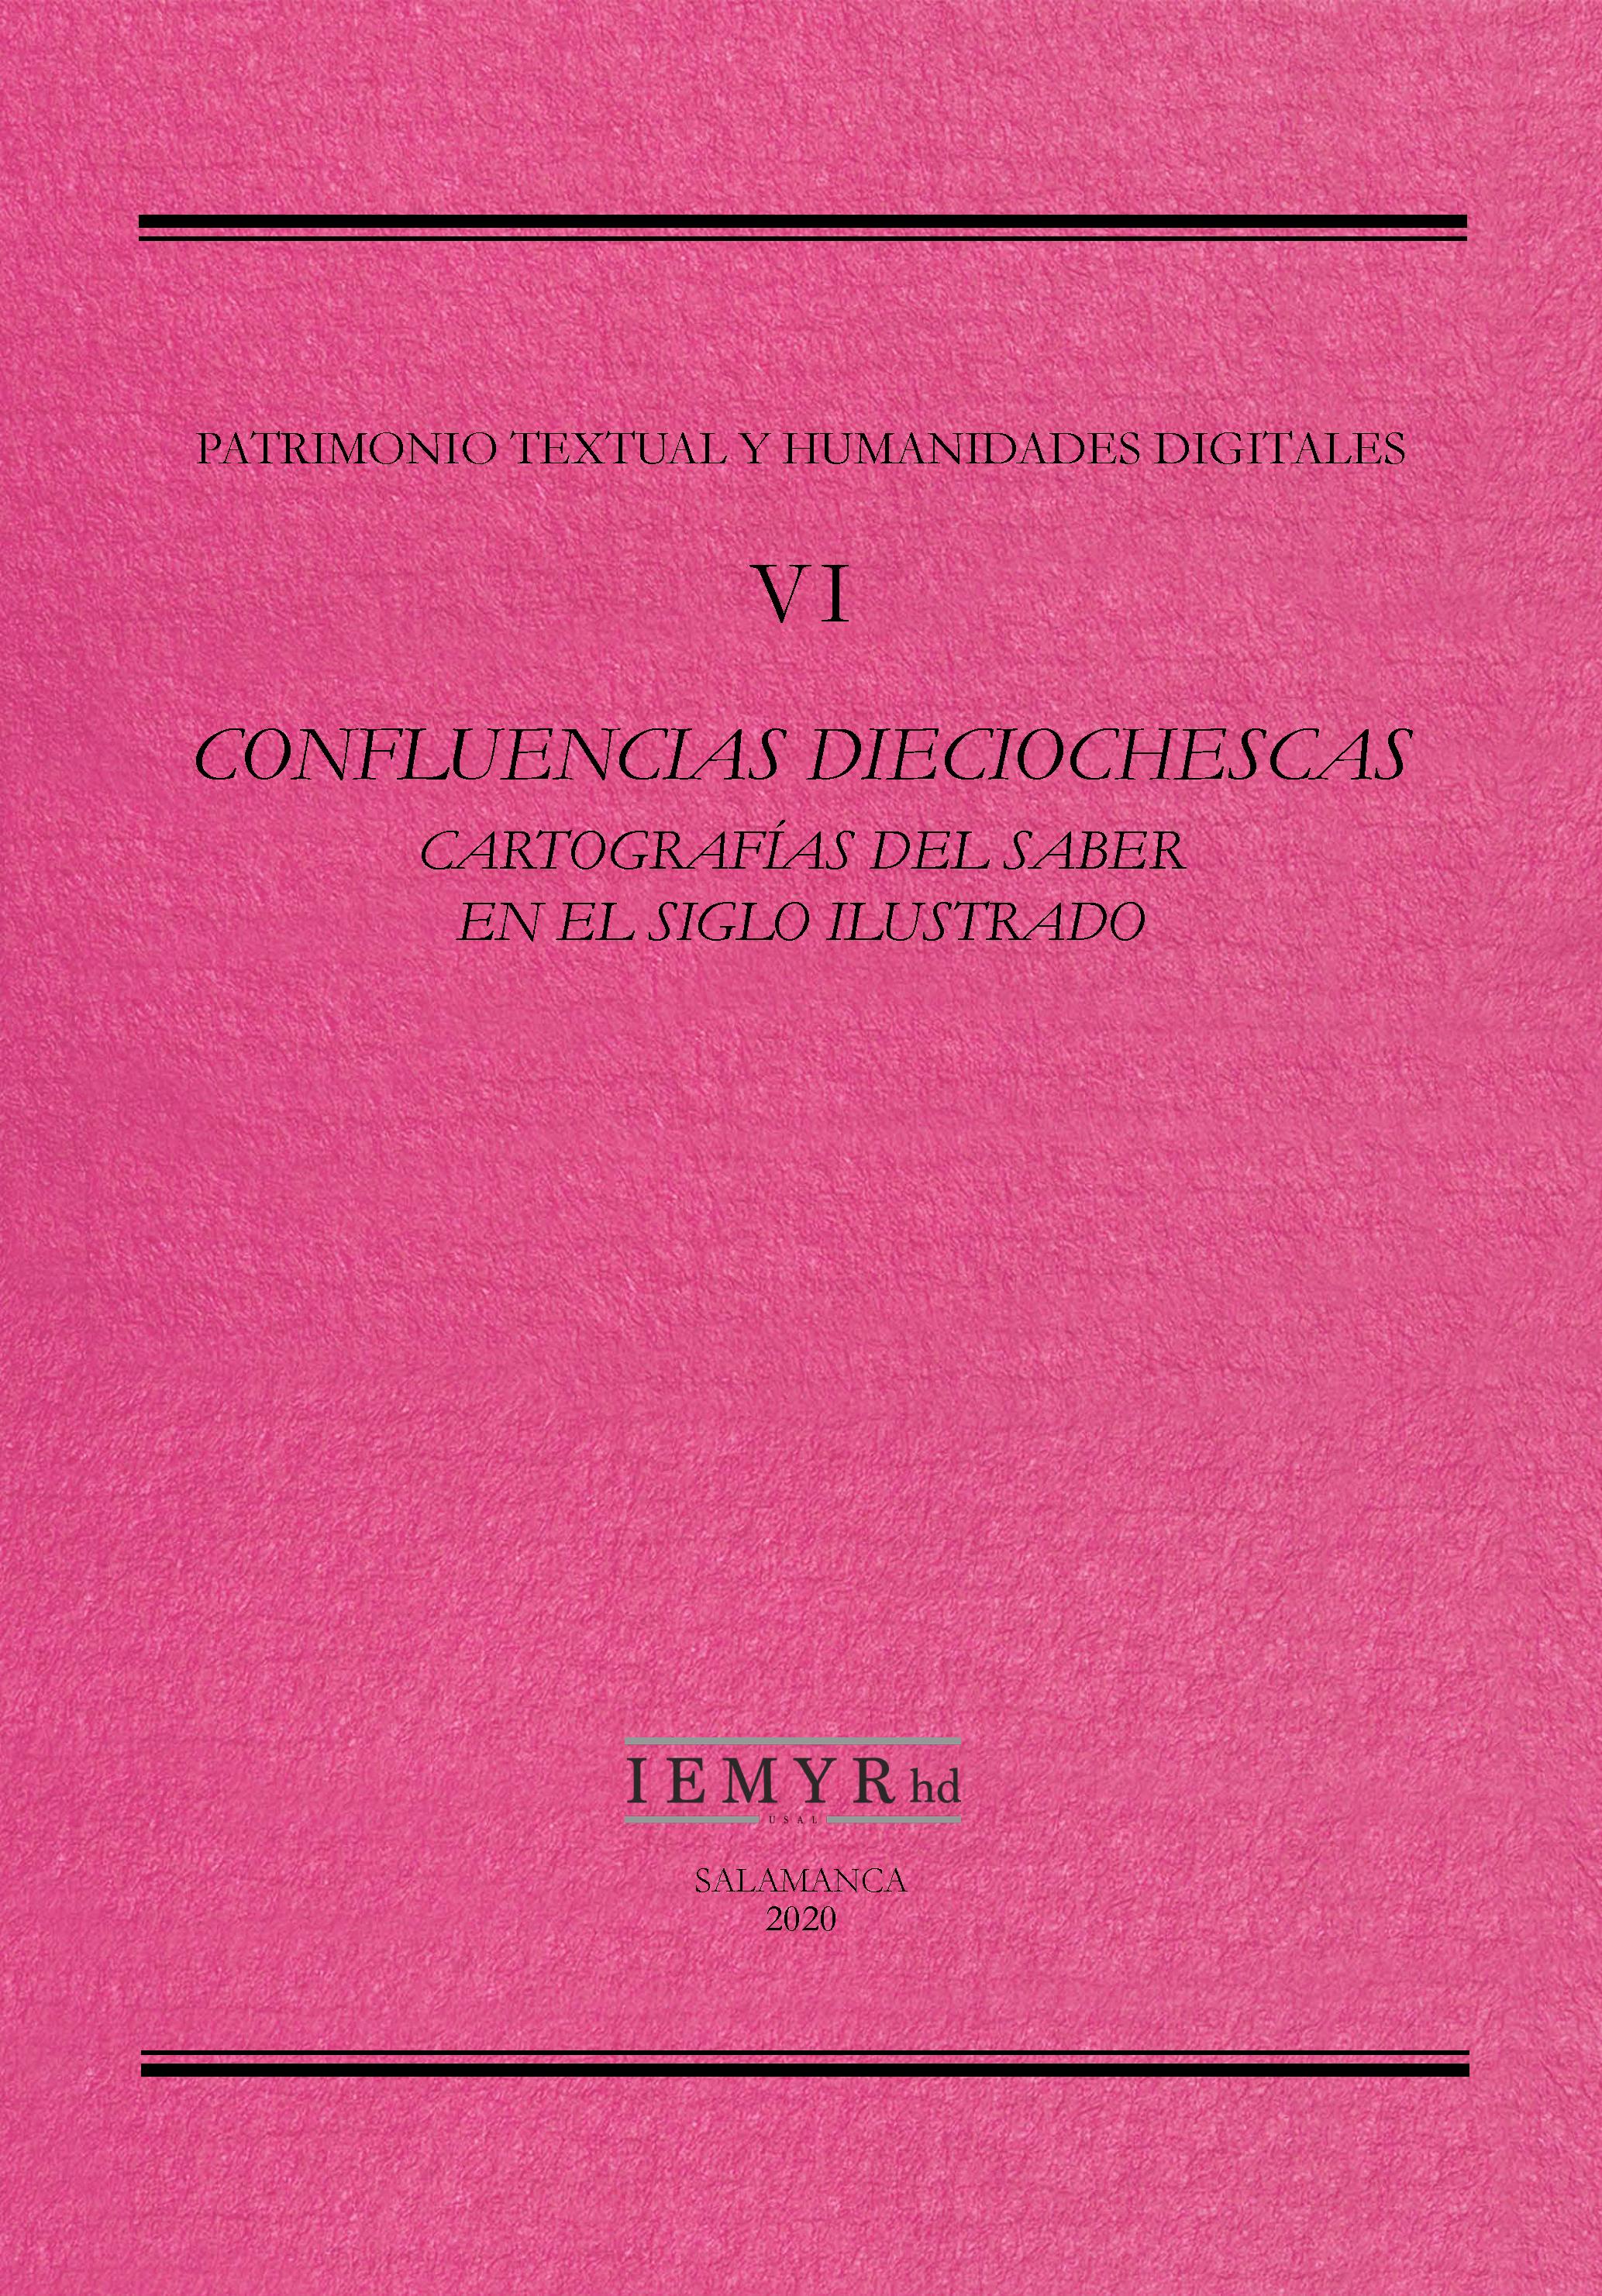 VI. Conferencias deciochescas. Cartografías del saber en el siglo ilustrado.